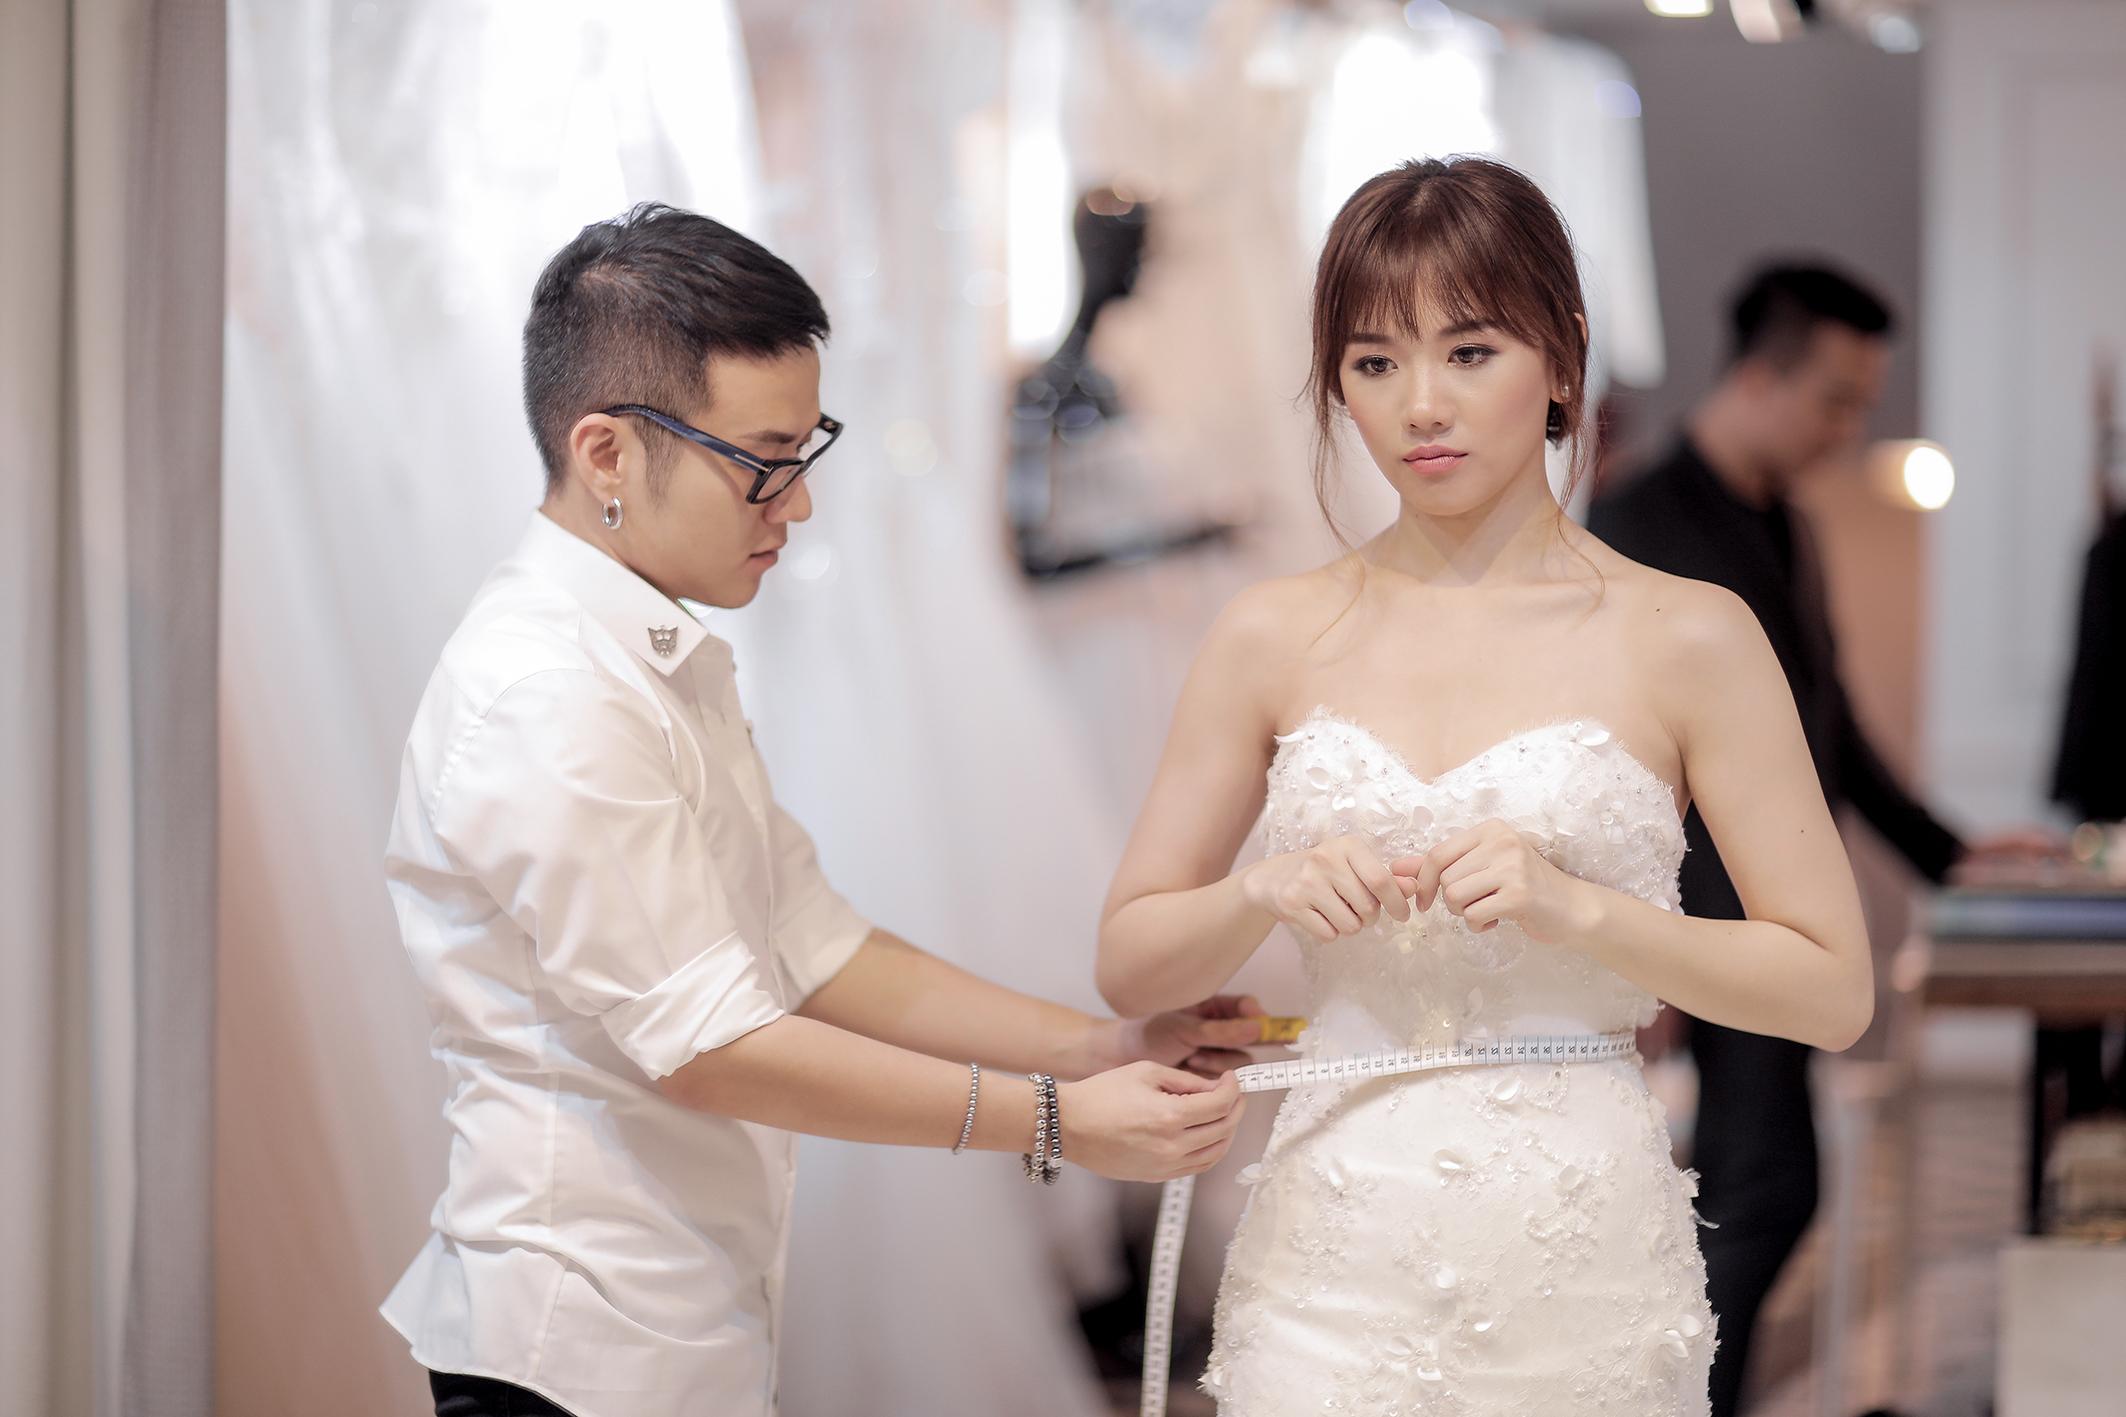 Trấn Thành đặt riêng hai mẫu váy cưới đặc biệt dành tặng Hari Won - Ảnh 3.